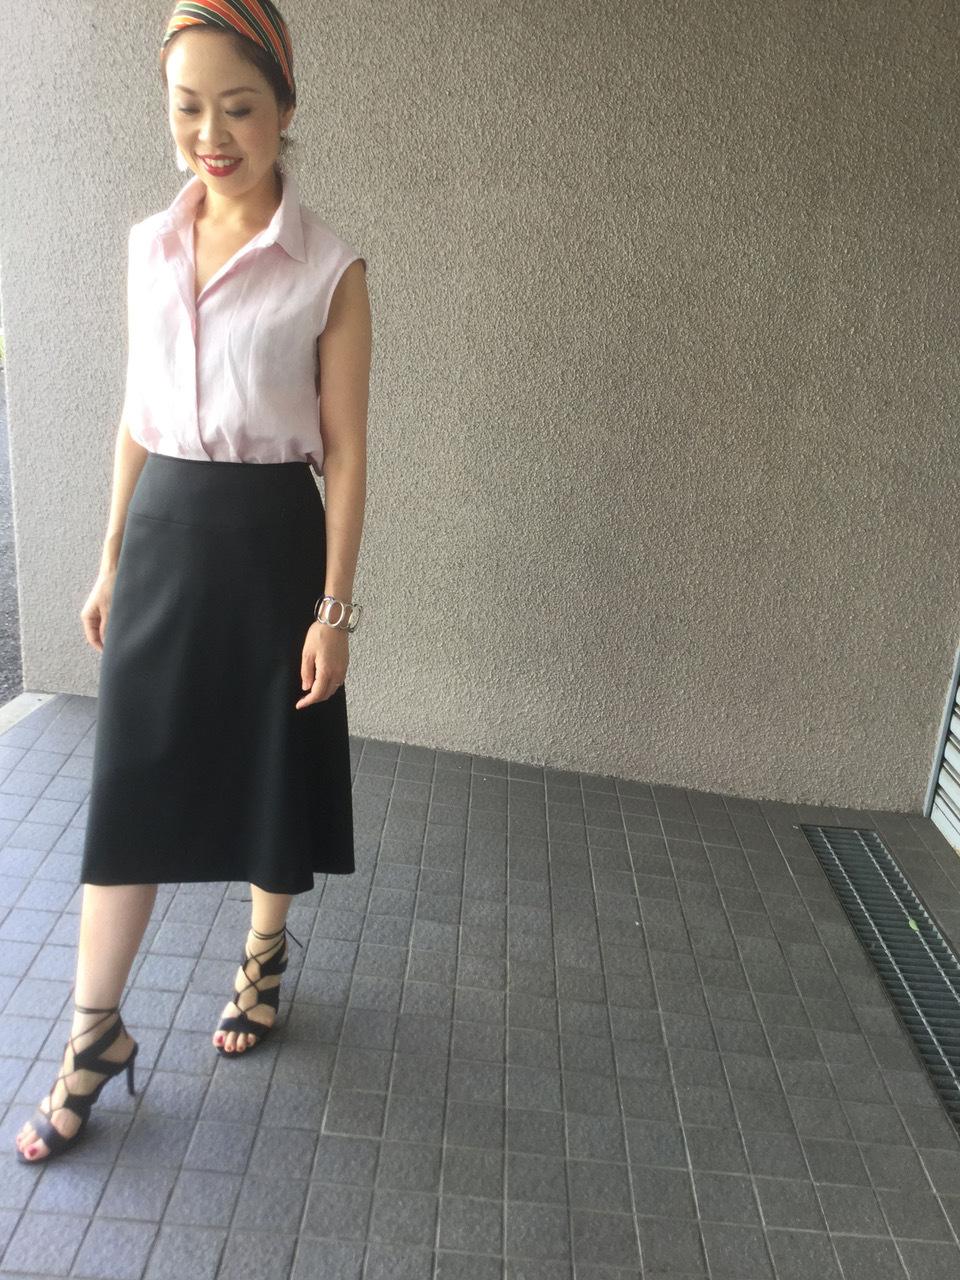 女優風のコスプレ_b0210699_01252756.jpeg